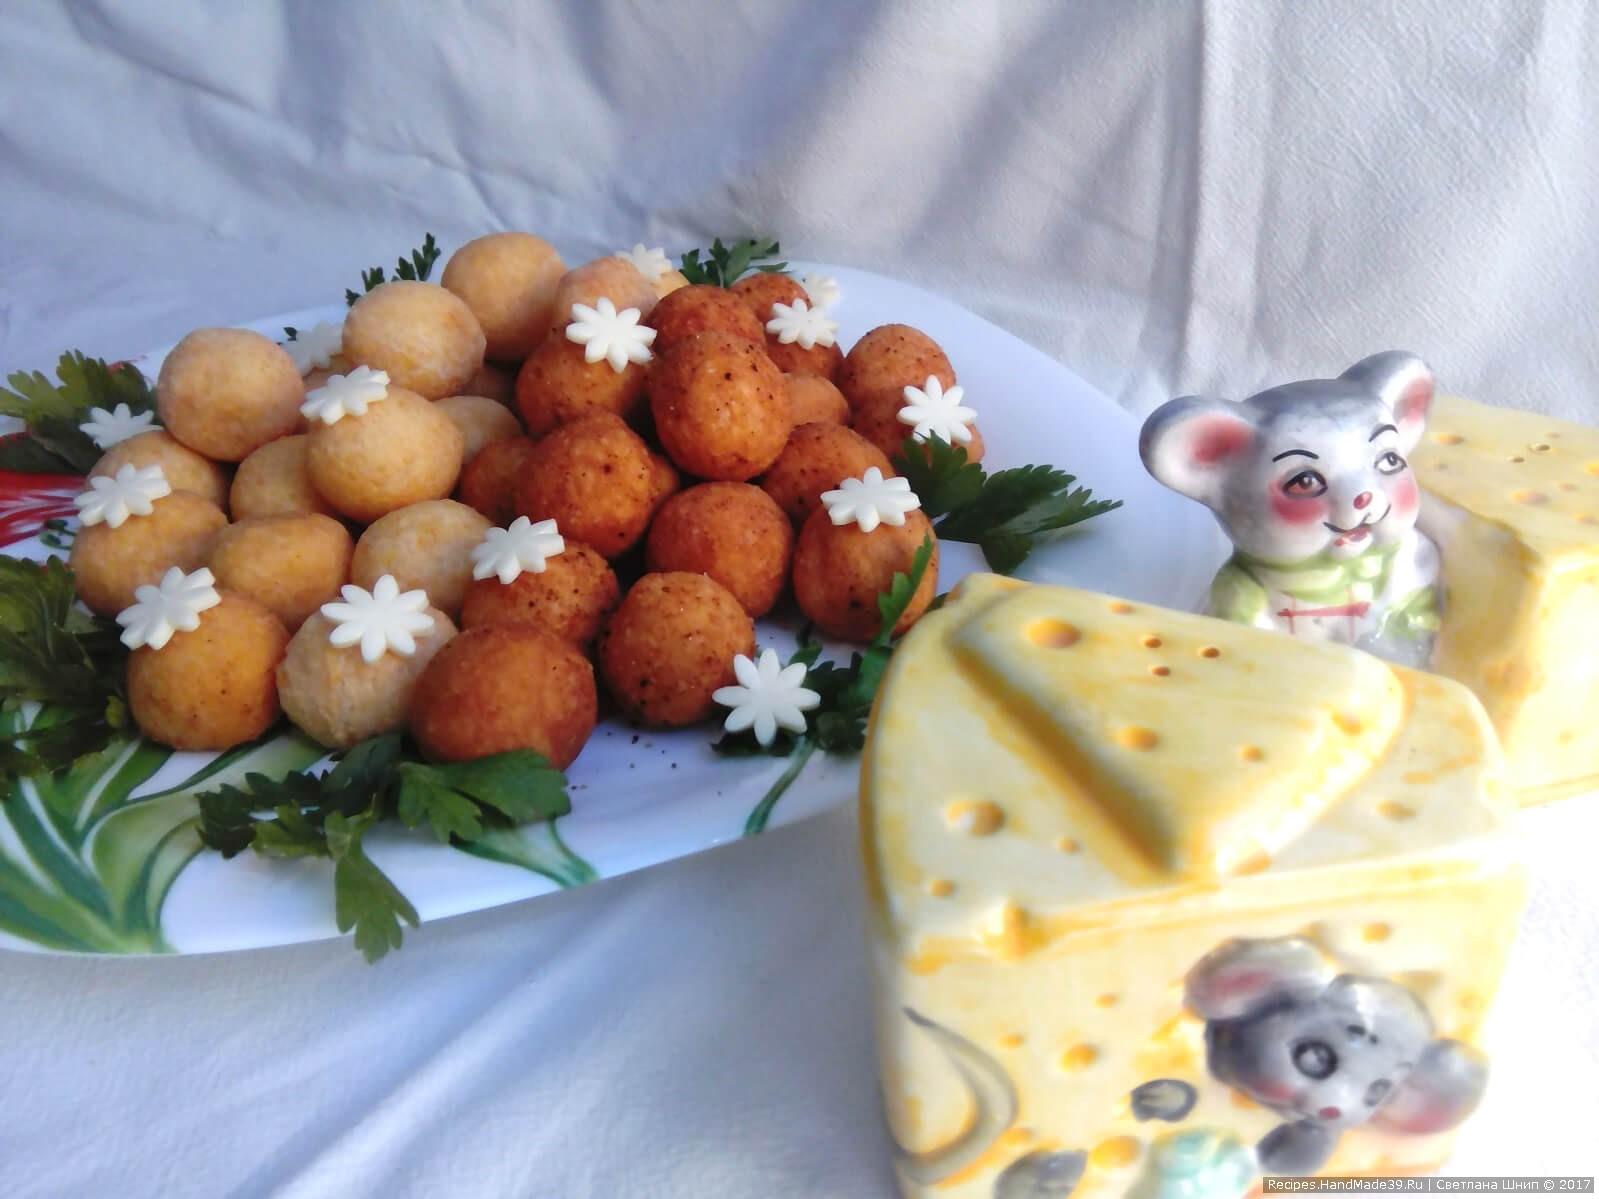 Жареные сырные шарики – пошаговый кулинарный рецепт с фото. Приятного аппетита!